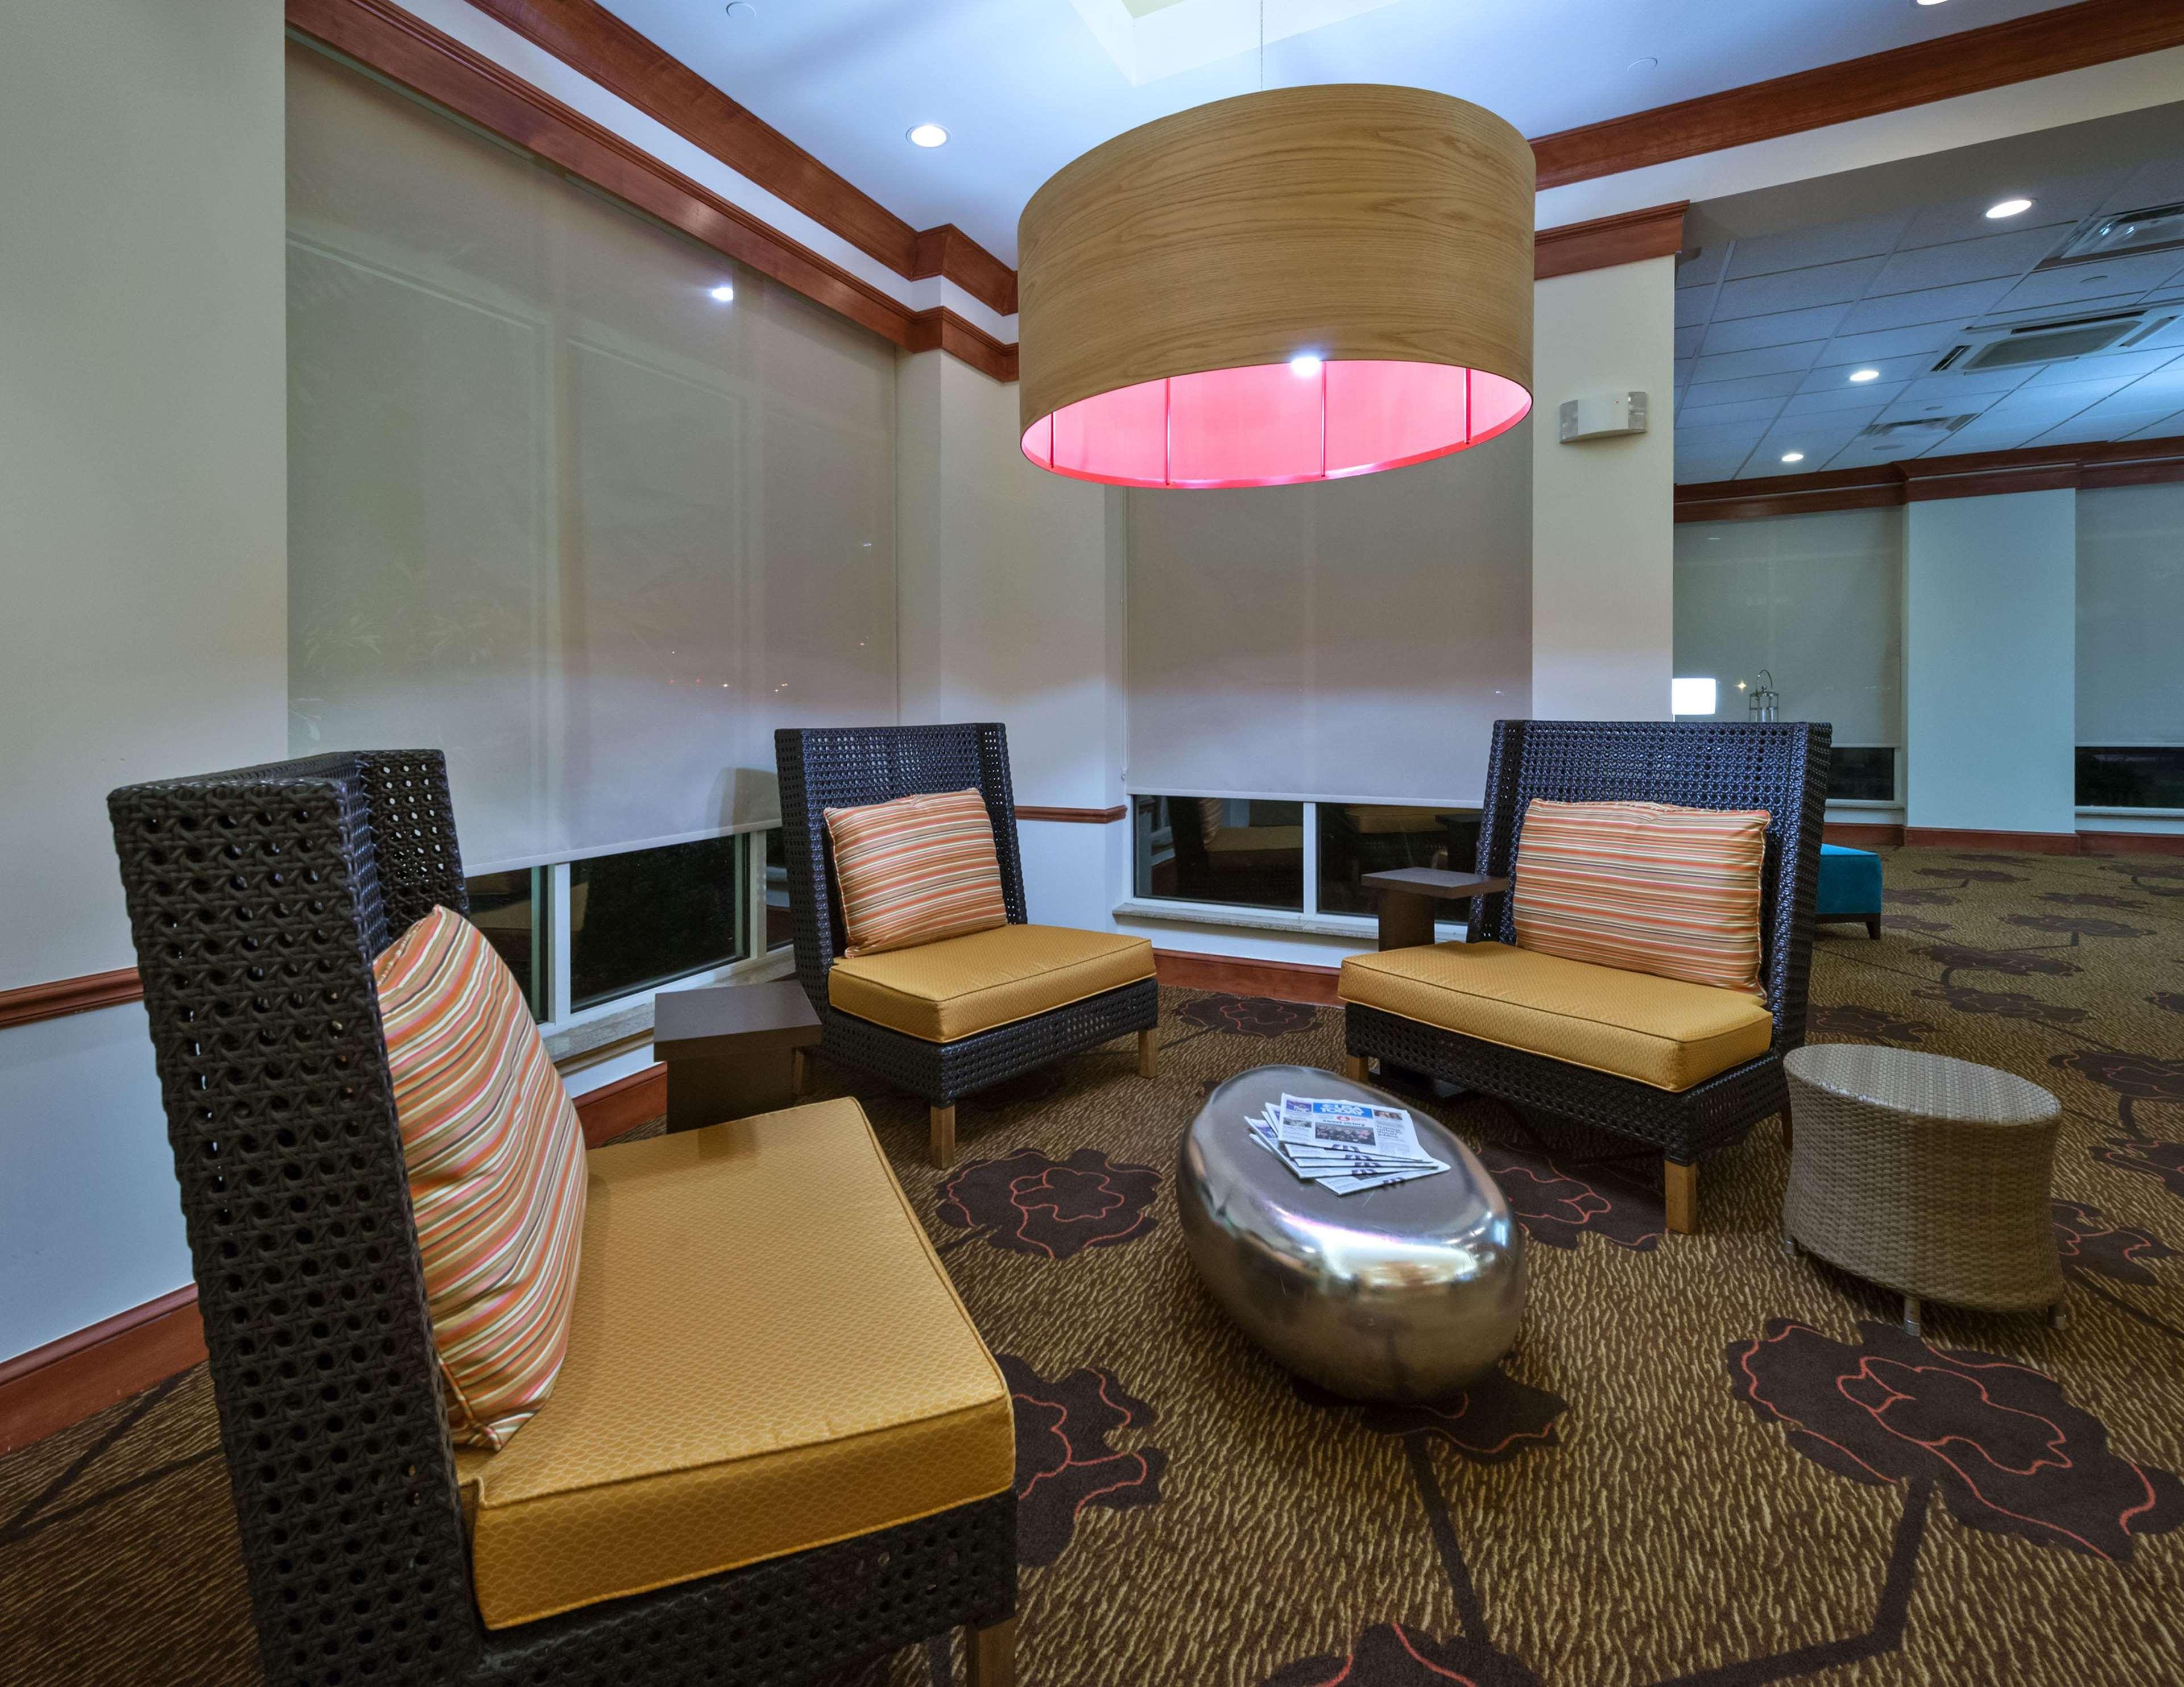 Hilton Garden Inn Lafayette/Cajundome image 3